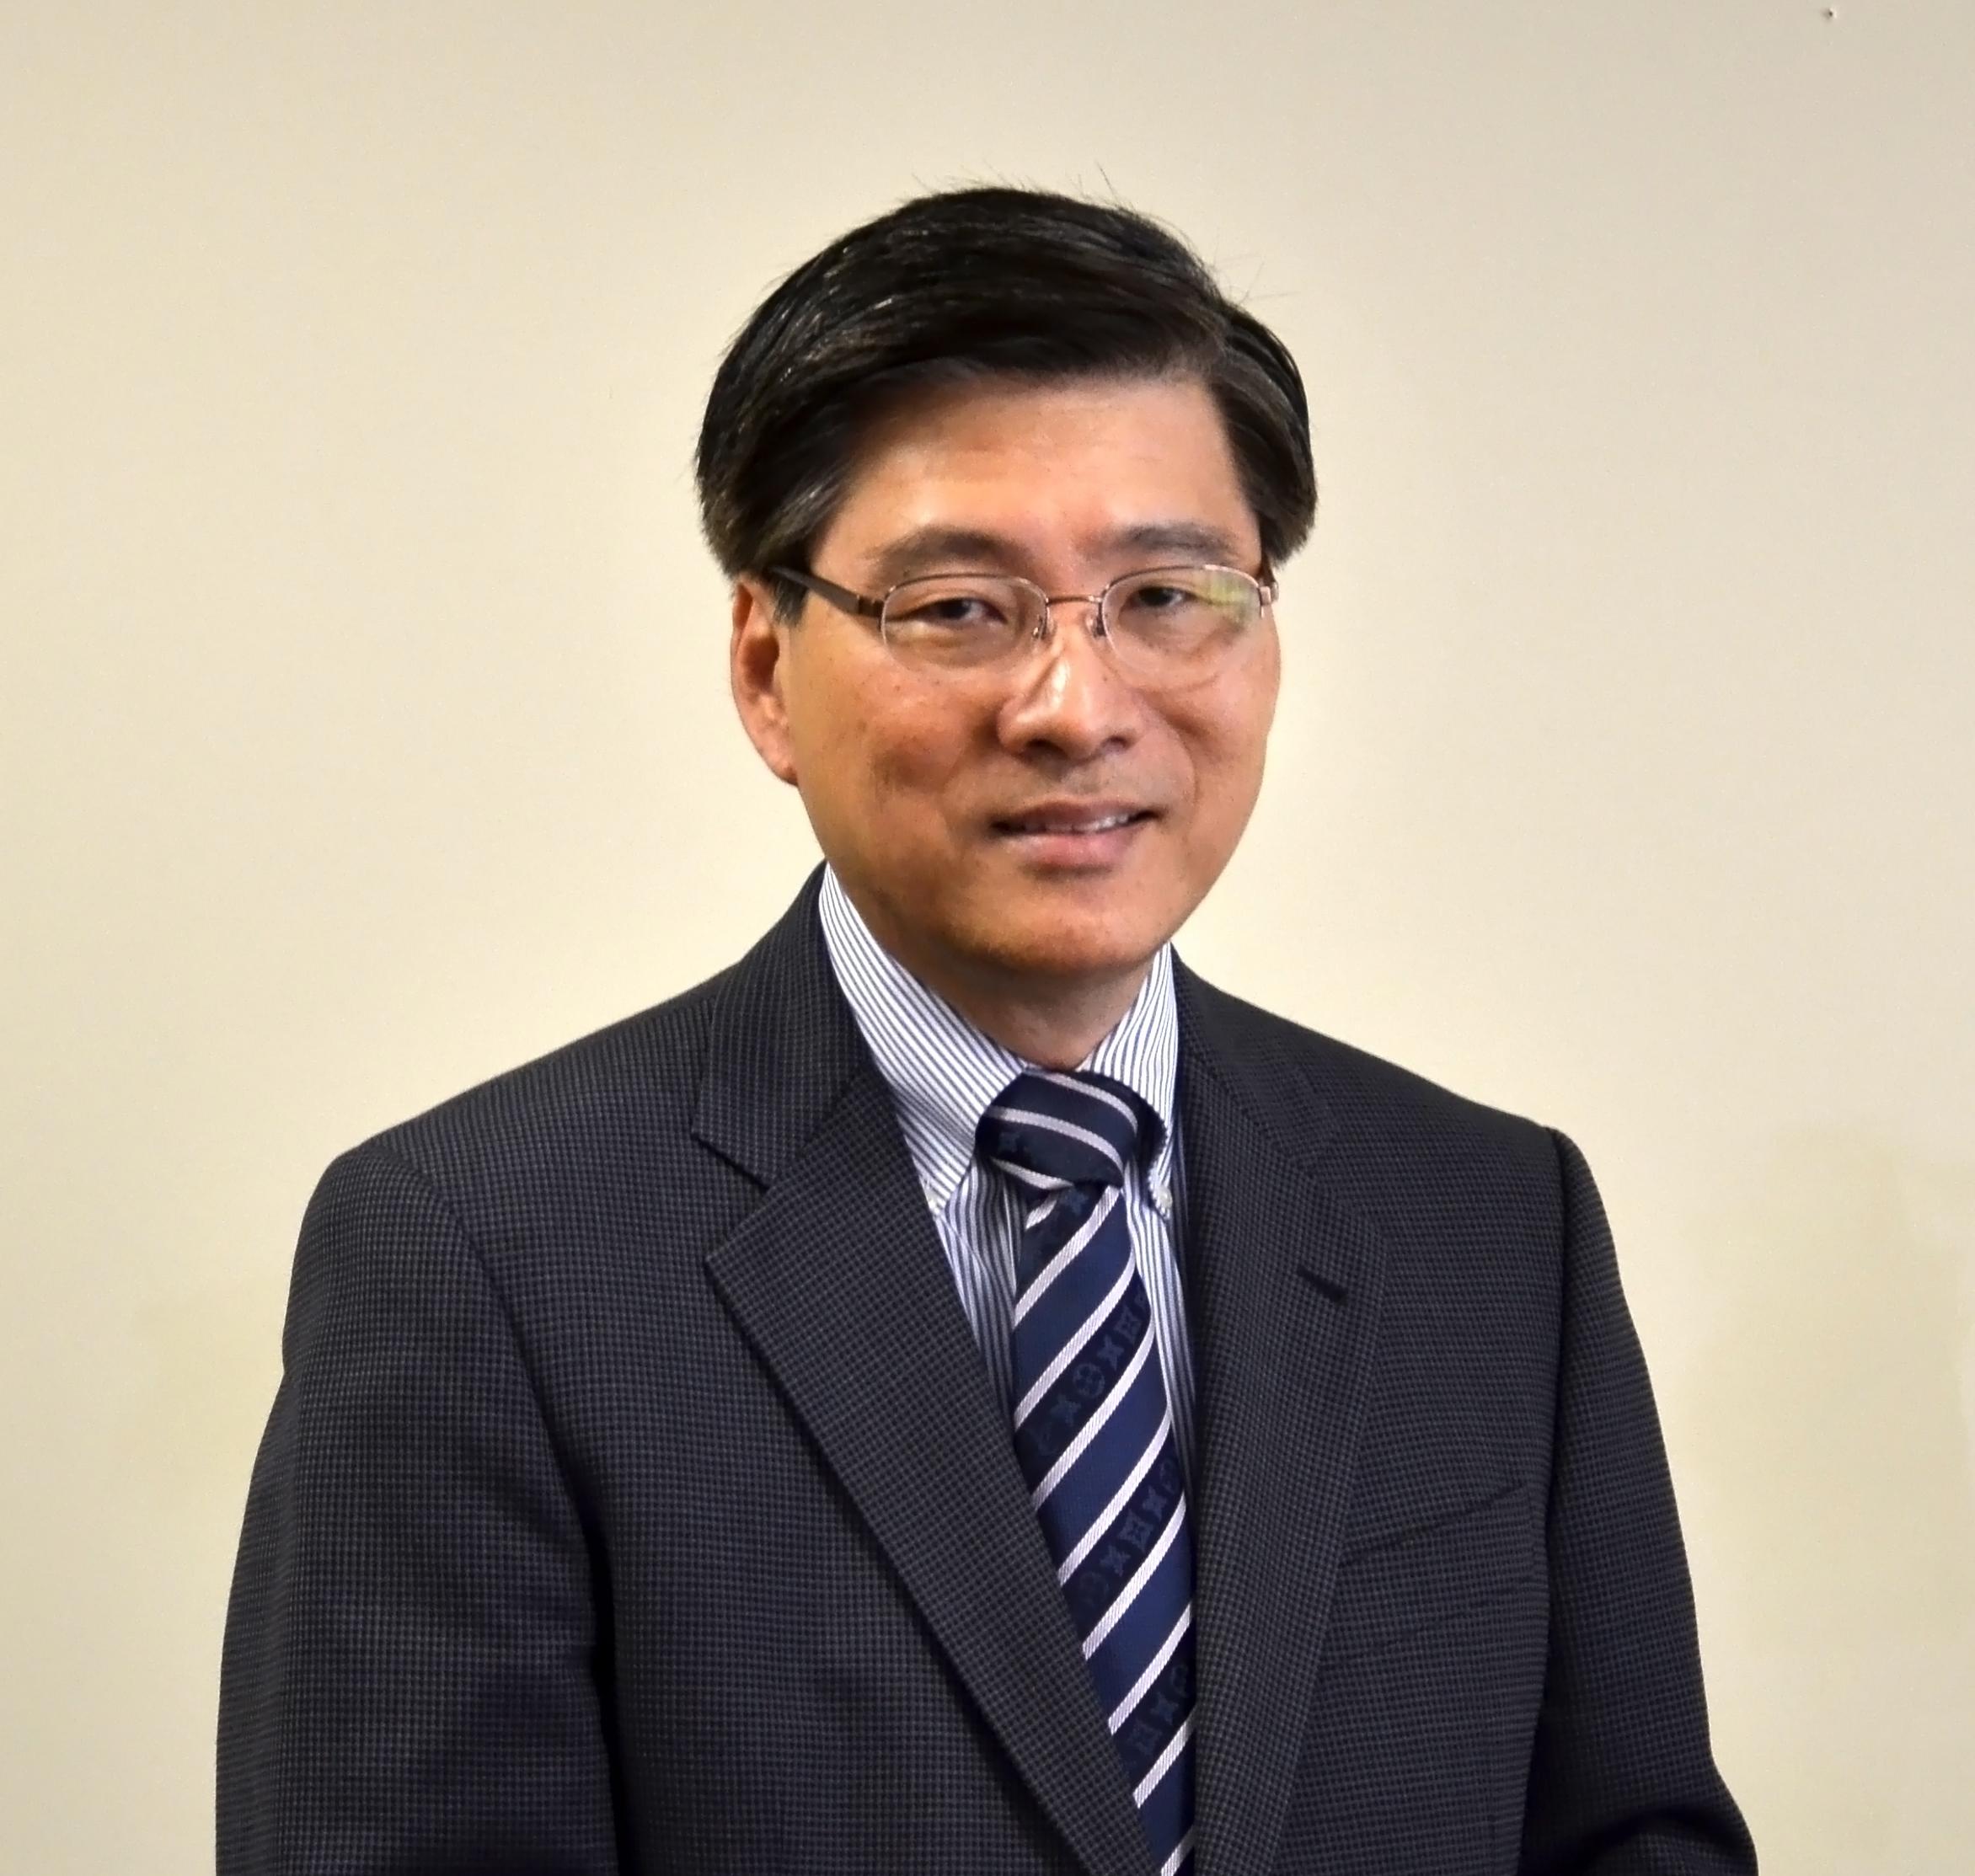 Prof. Bruce C. Kim